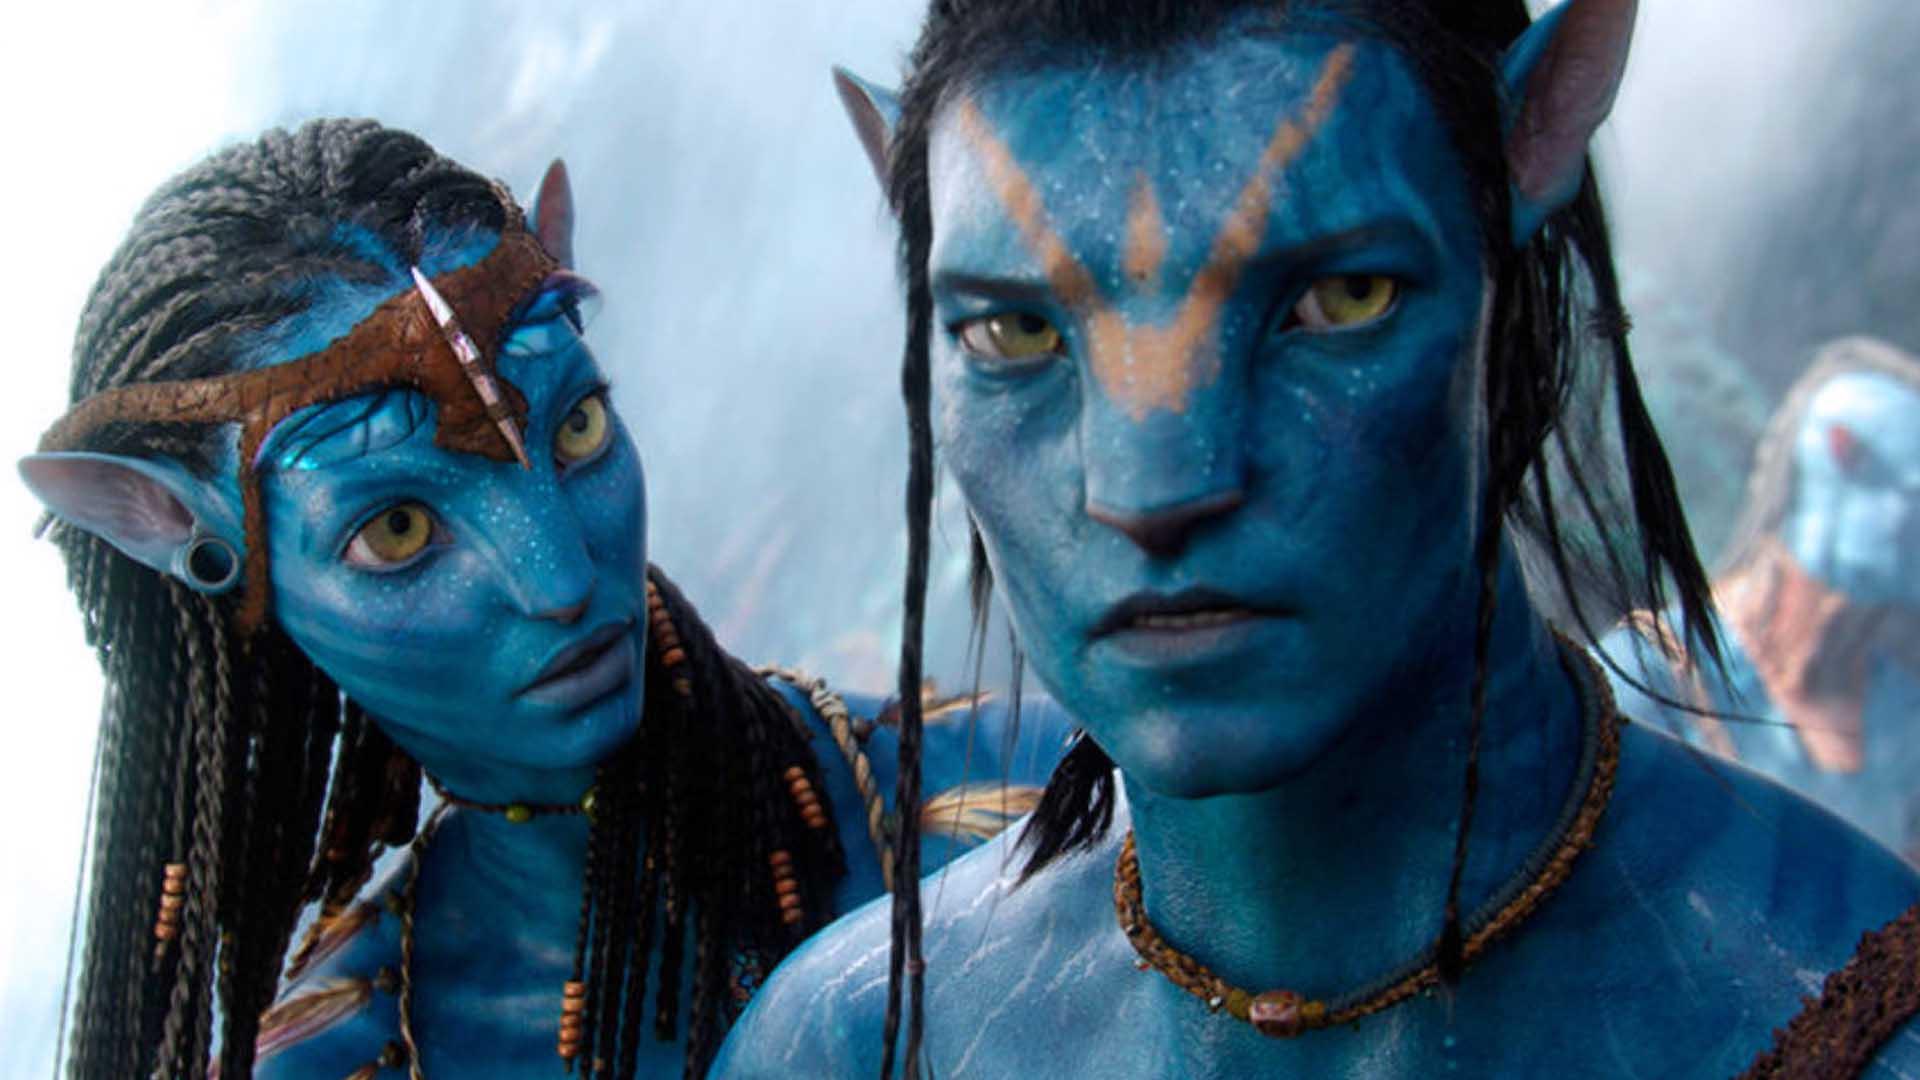 Avatar vinse 3 Oscar tranne quello per Miglior Film